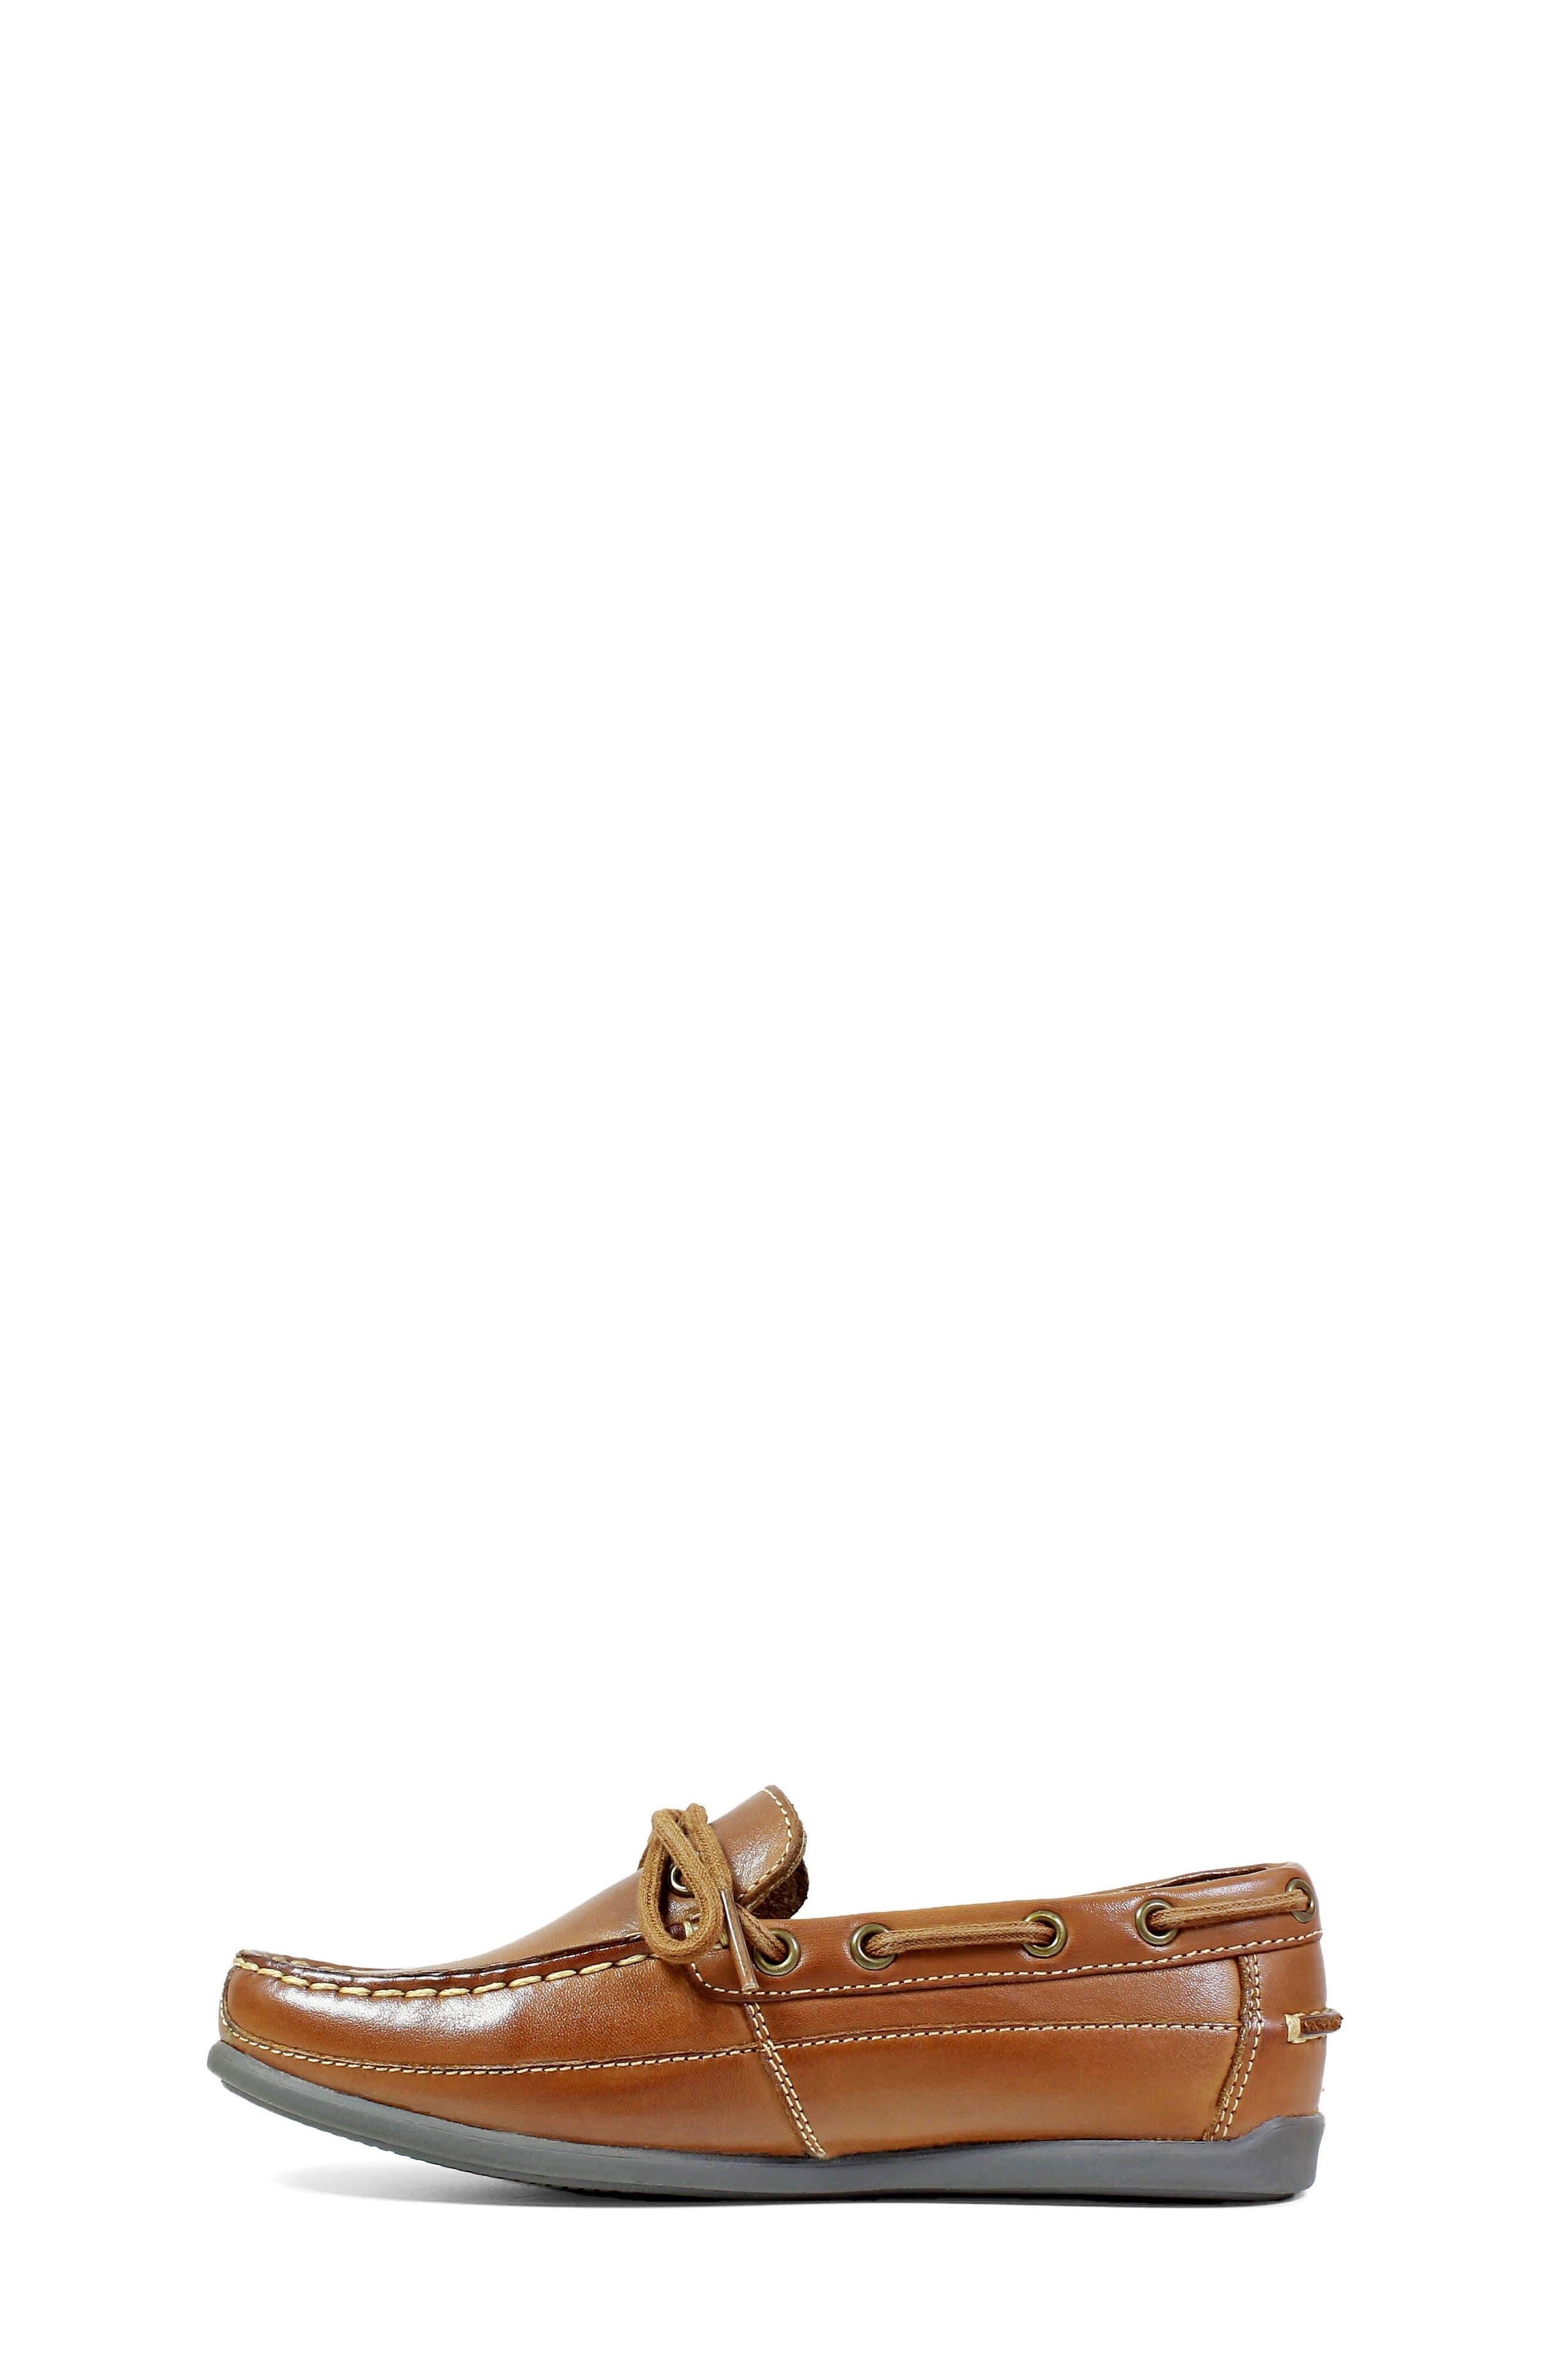 FLORSHEIM, Jasper Boat Shoe, Alternate thumbnail 8, color, SADDLE TAN